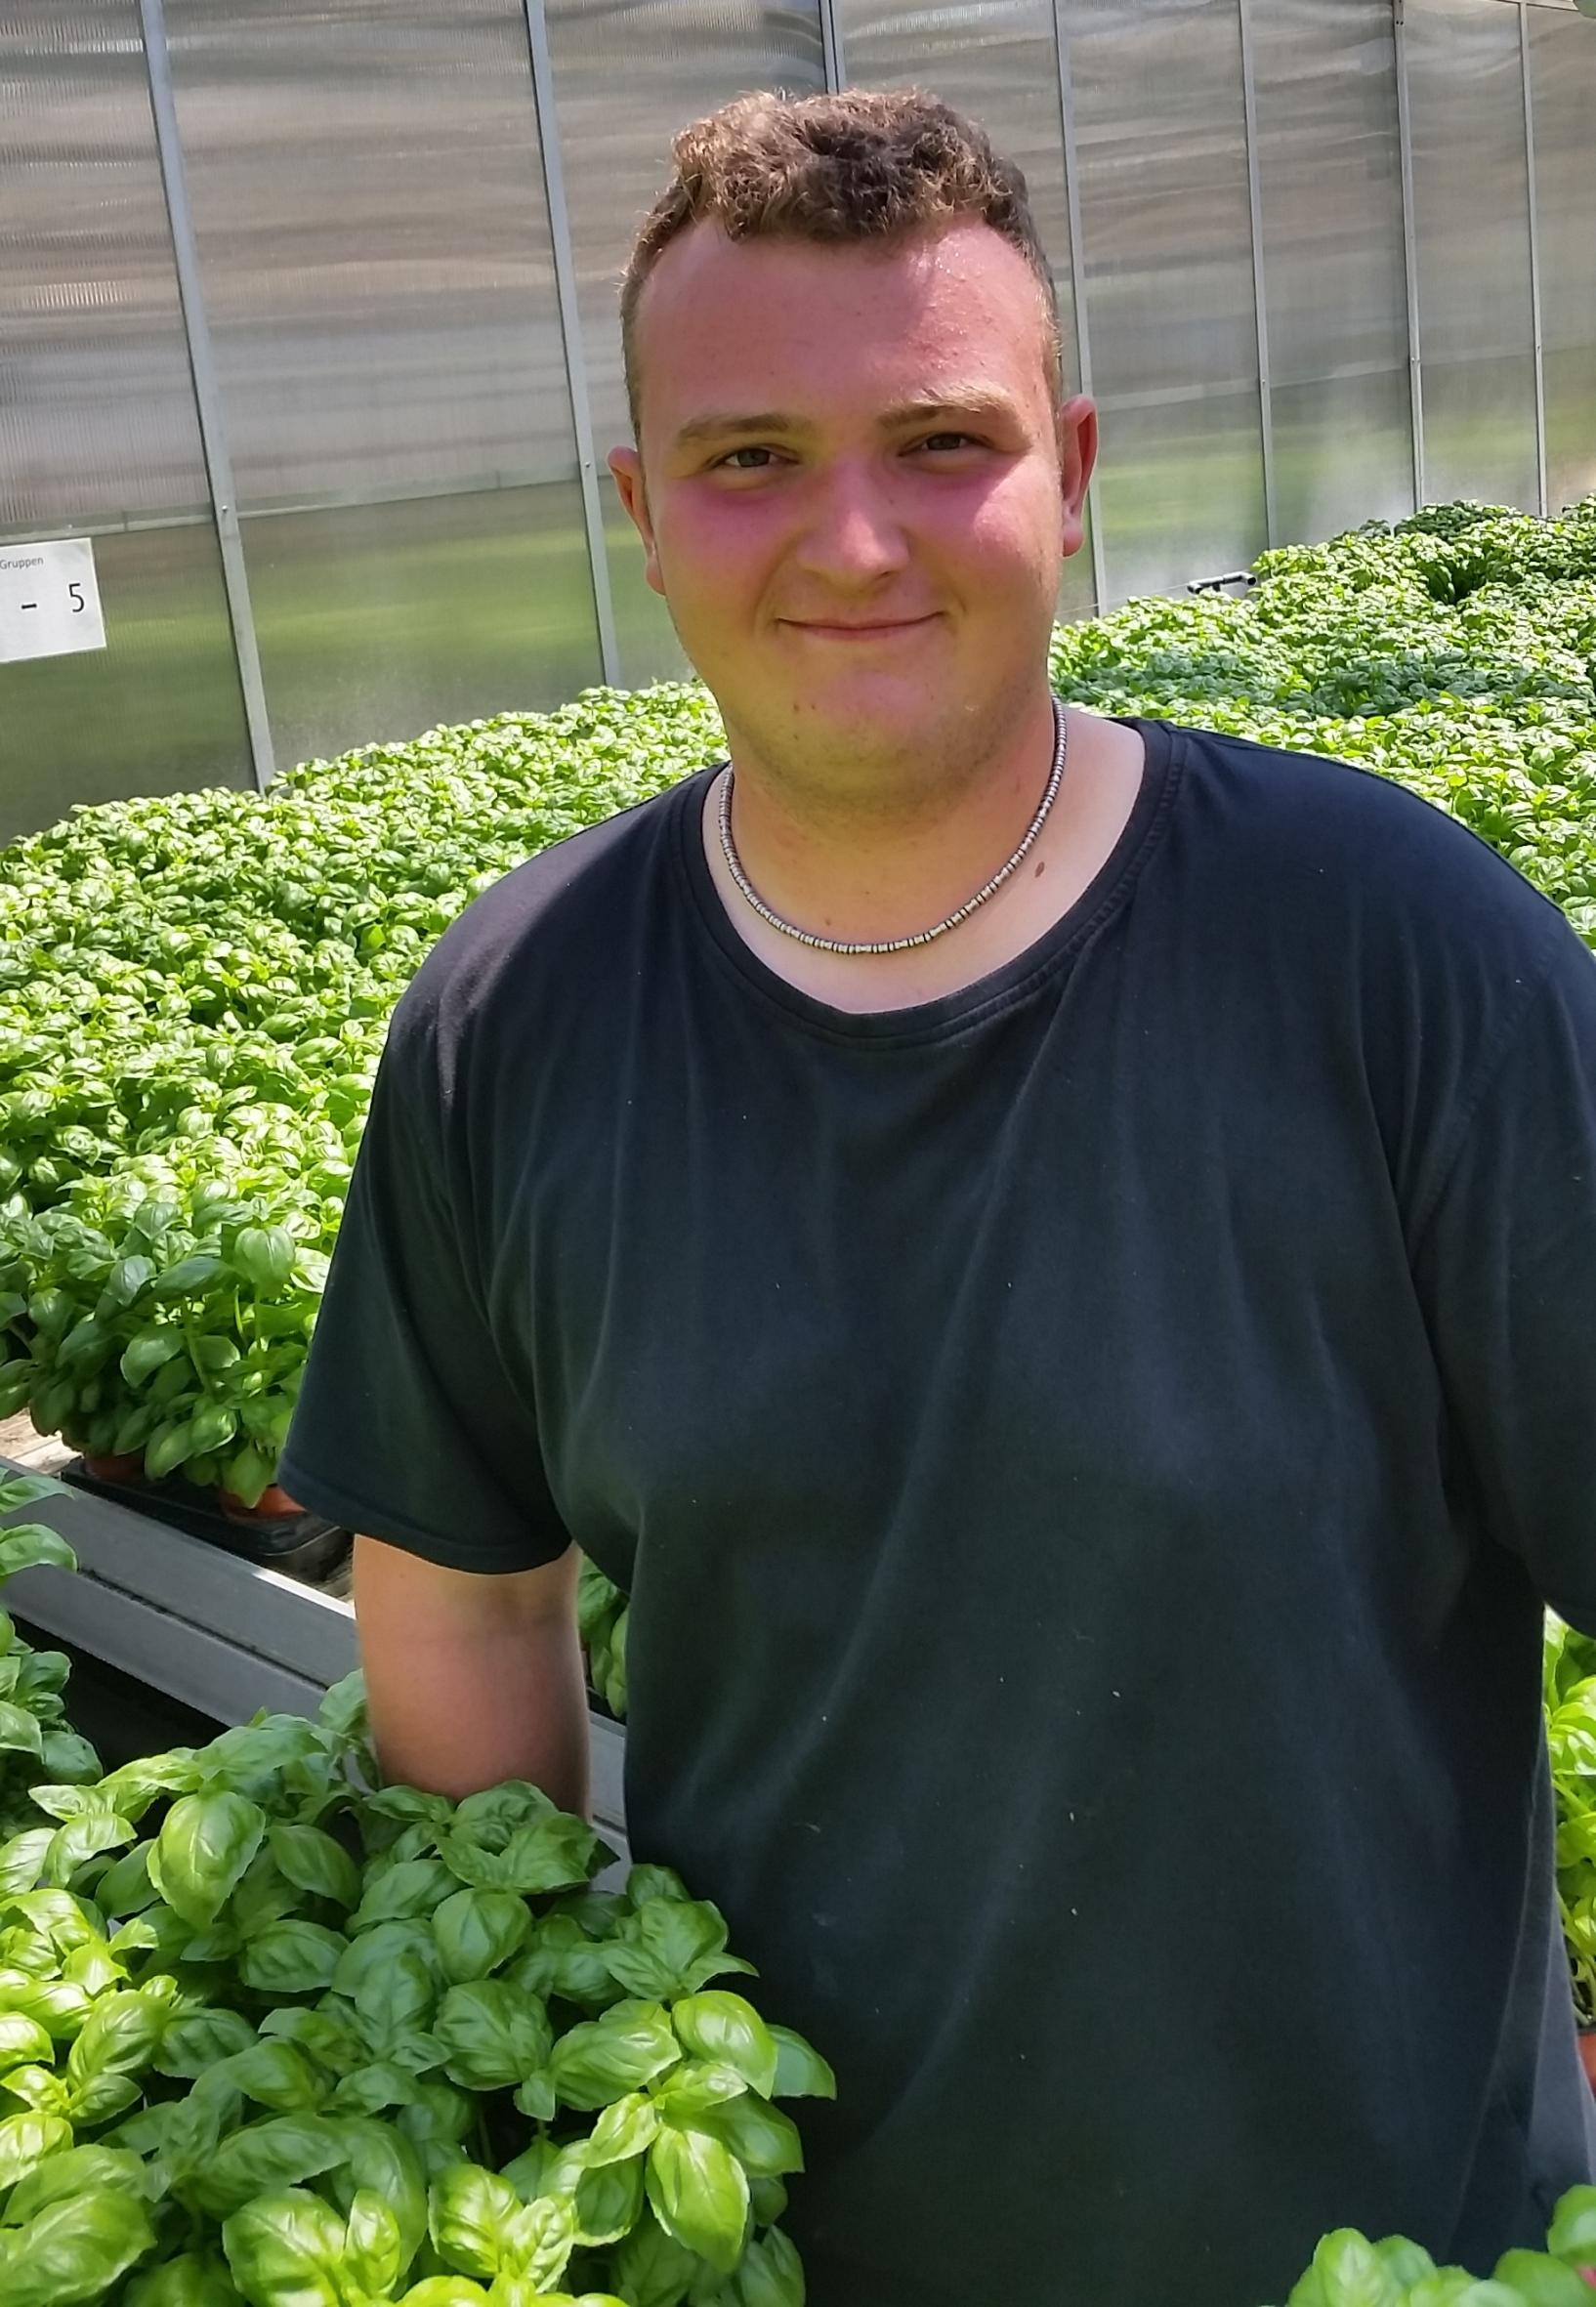 Täglich darf geerntet werden: Ein Auszubildender im Gemüsebau erlebt gesunde Vielfalt